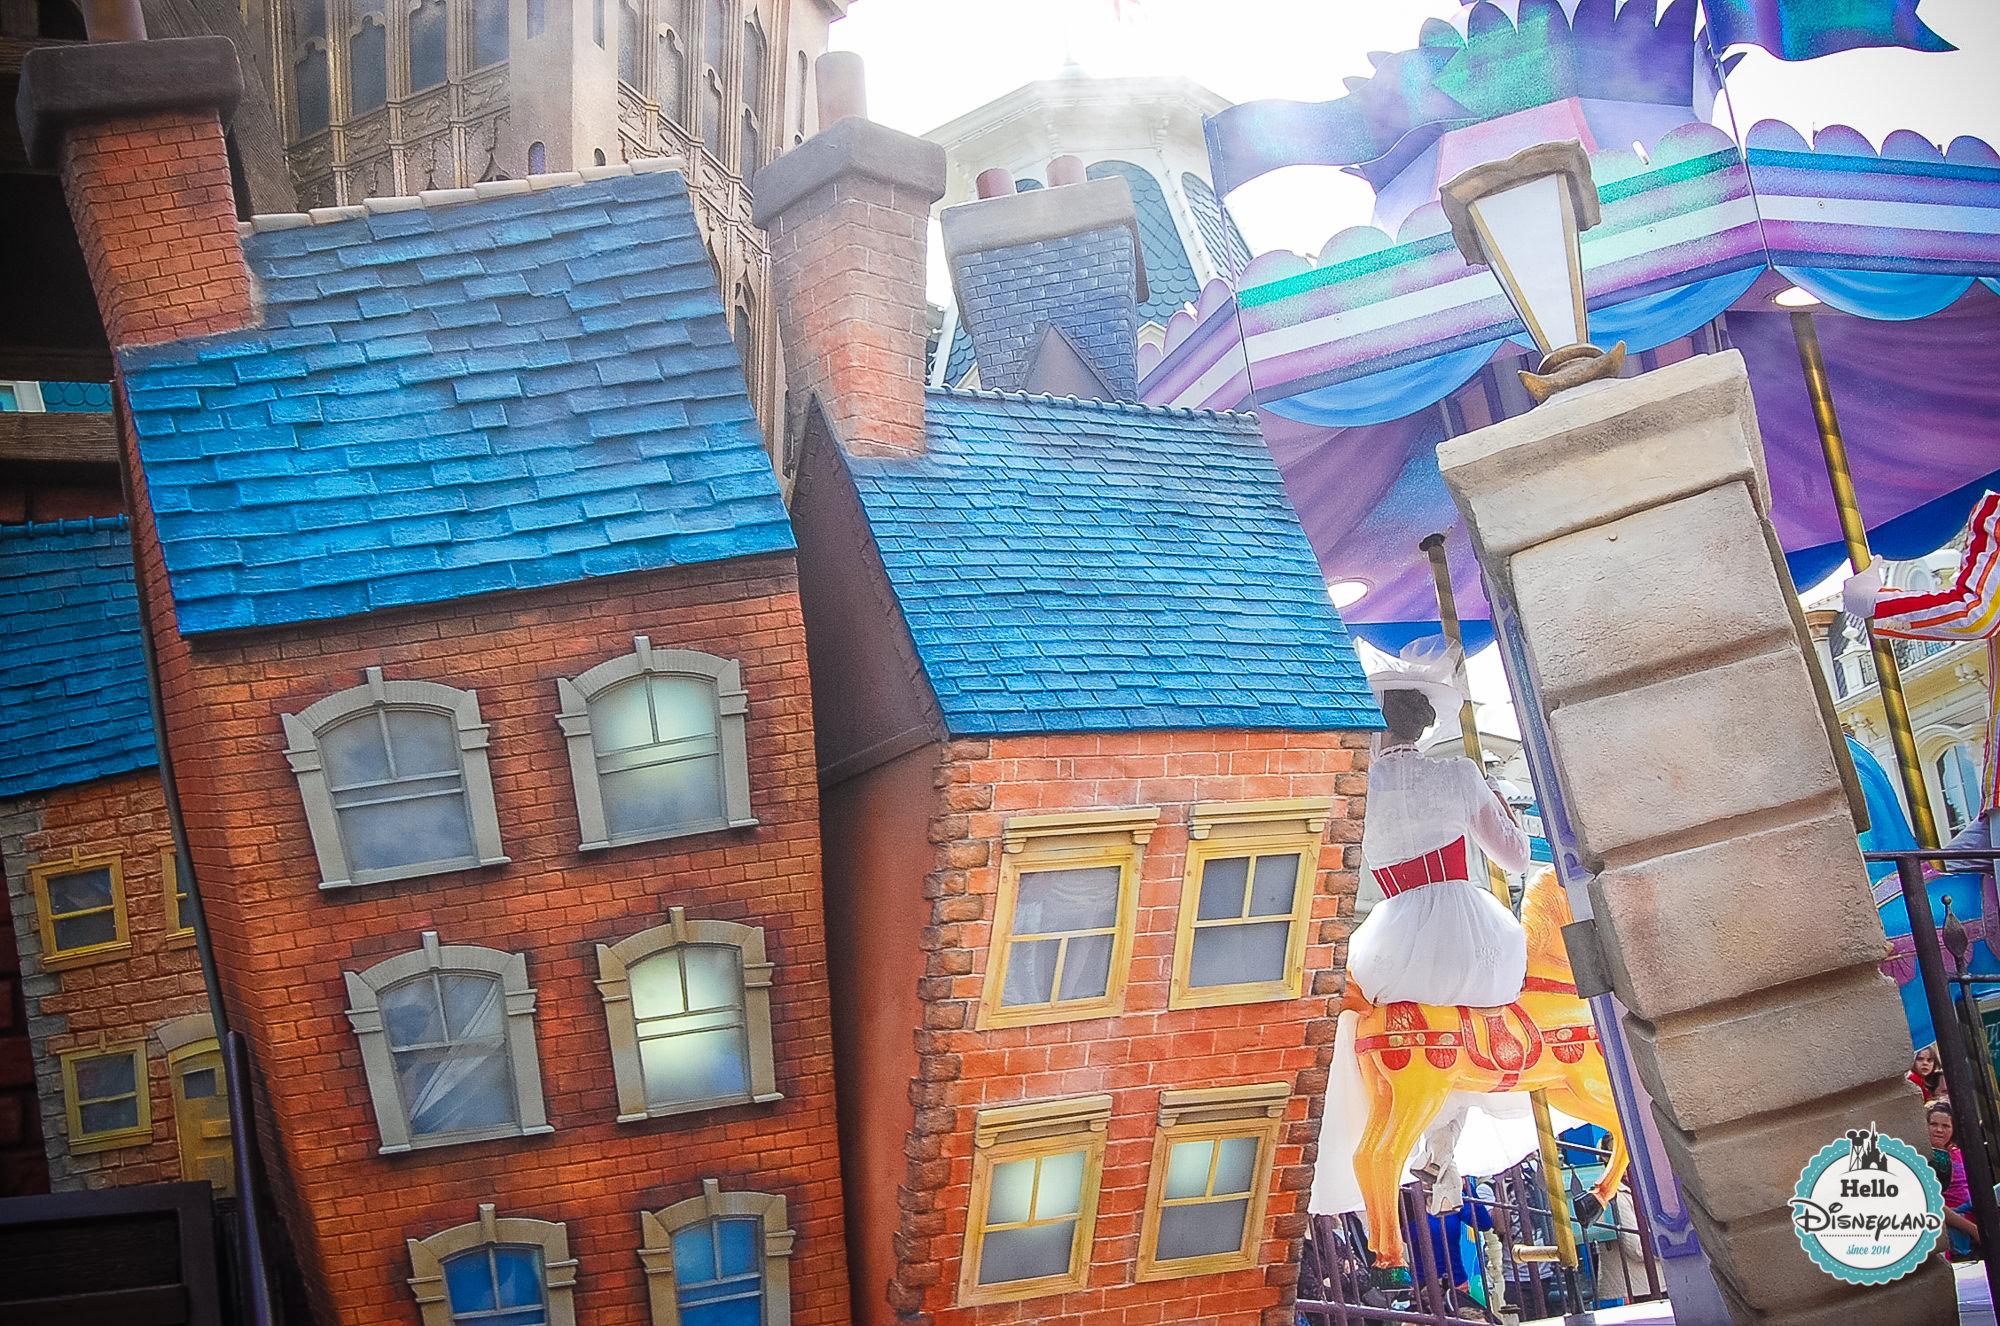 Disney Once Upon a Dream Parade - Disneyland Paris -64